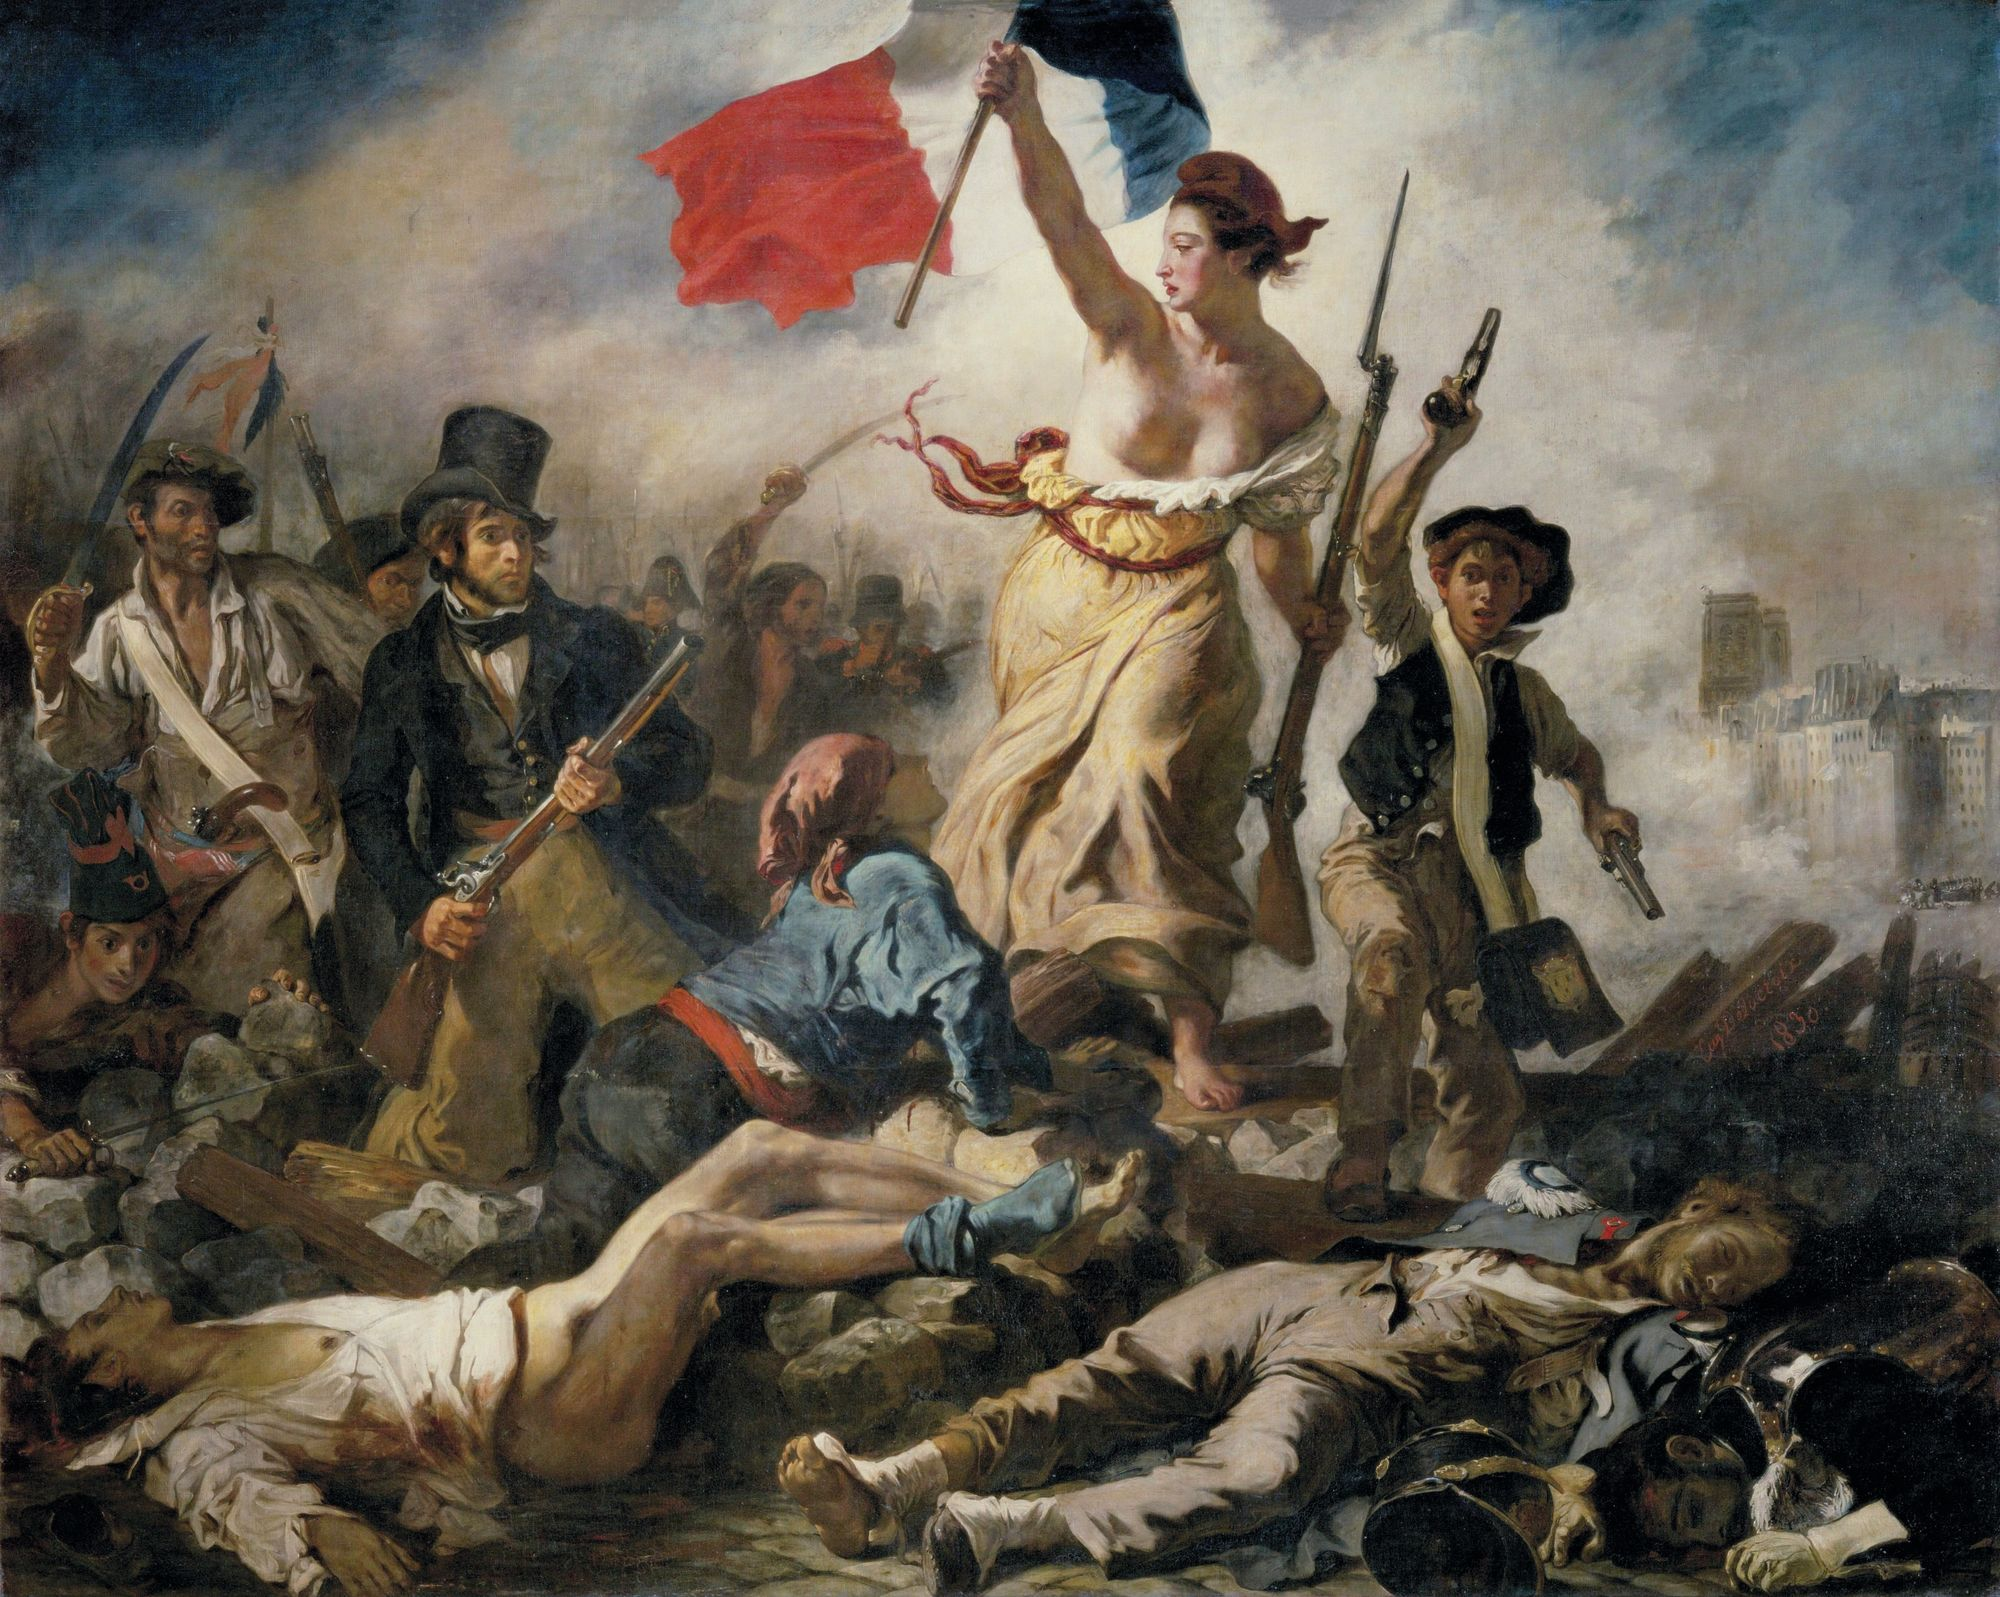 Eugène Delacroix, La Liberté guidant le peuple, 1830, huile sur toile, 260 x 325 cm, musée du Louvre, Paris.